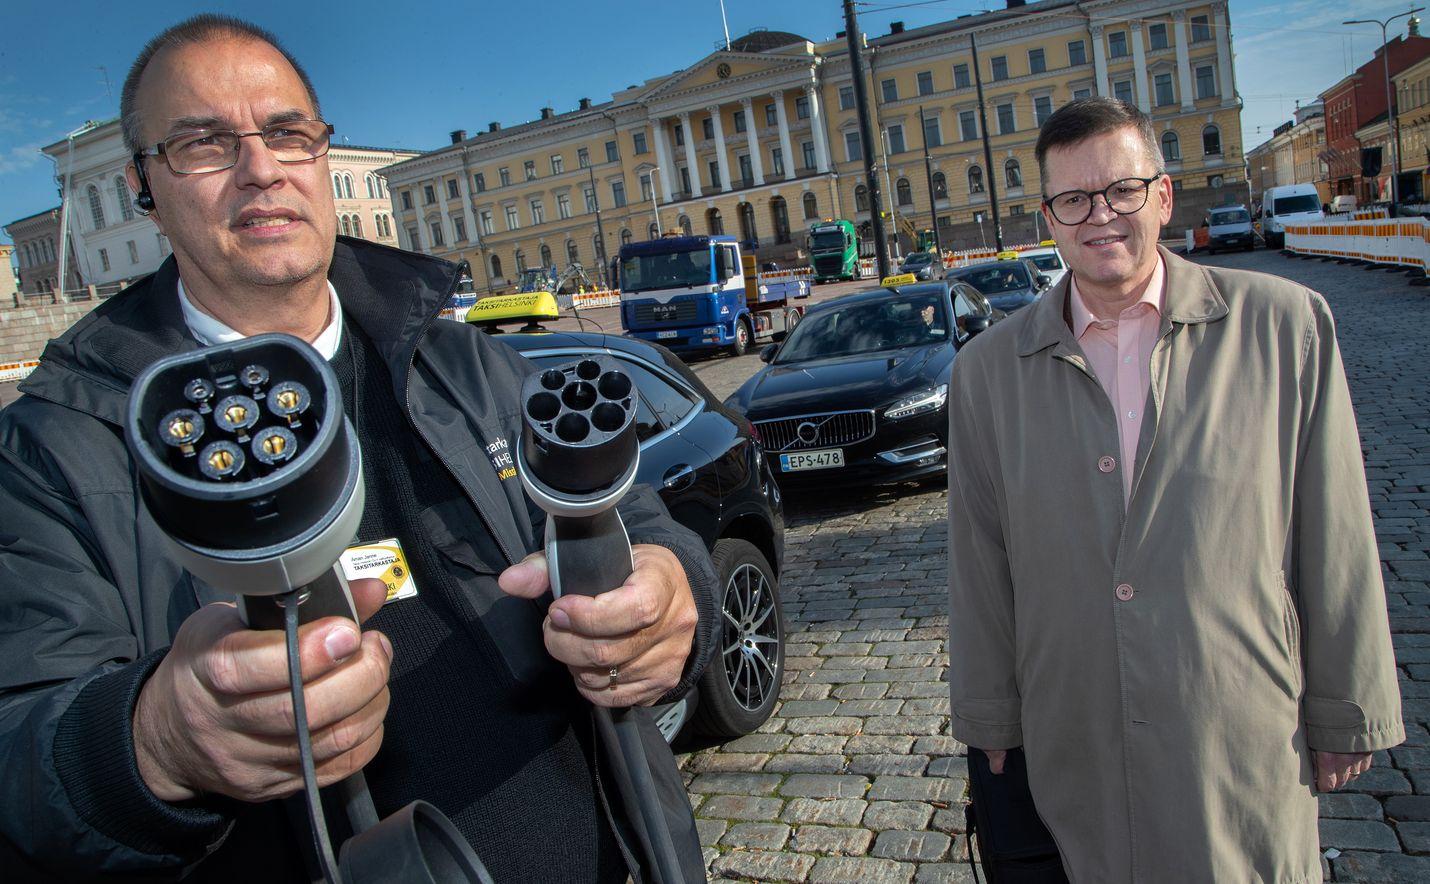 Taksi Helsingin taksitarkastajan Janne Åmanin tarkastajanauto kulkee sähköllä. Vieressä Senaatintorilla on Taksiliiton toimitusjohtaja Timo Koskinen. Taksialan sähköistymistä vauhdittaa myös uusi laki.